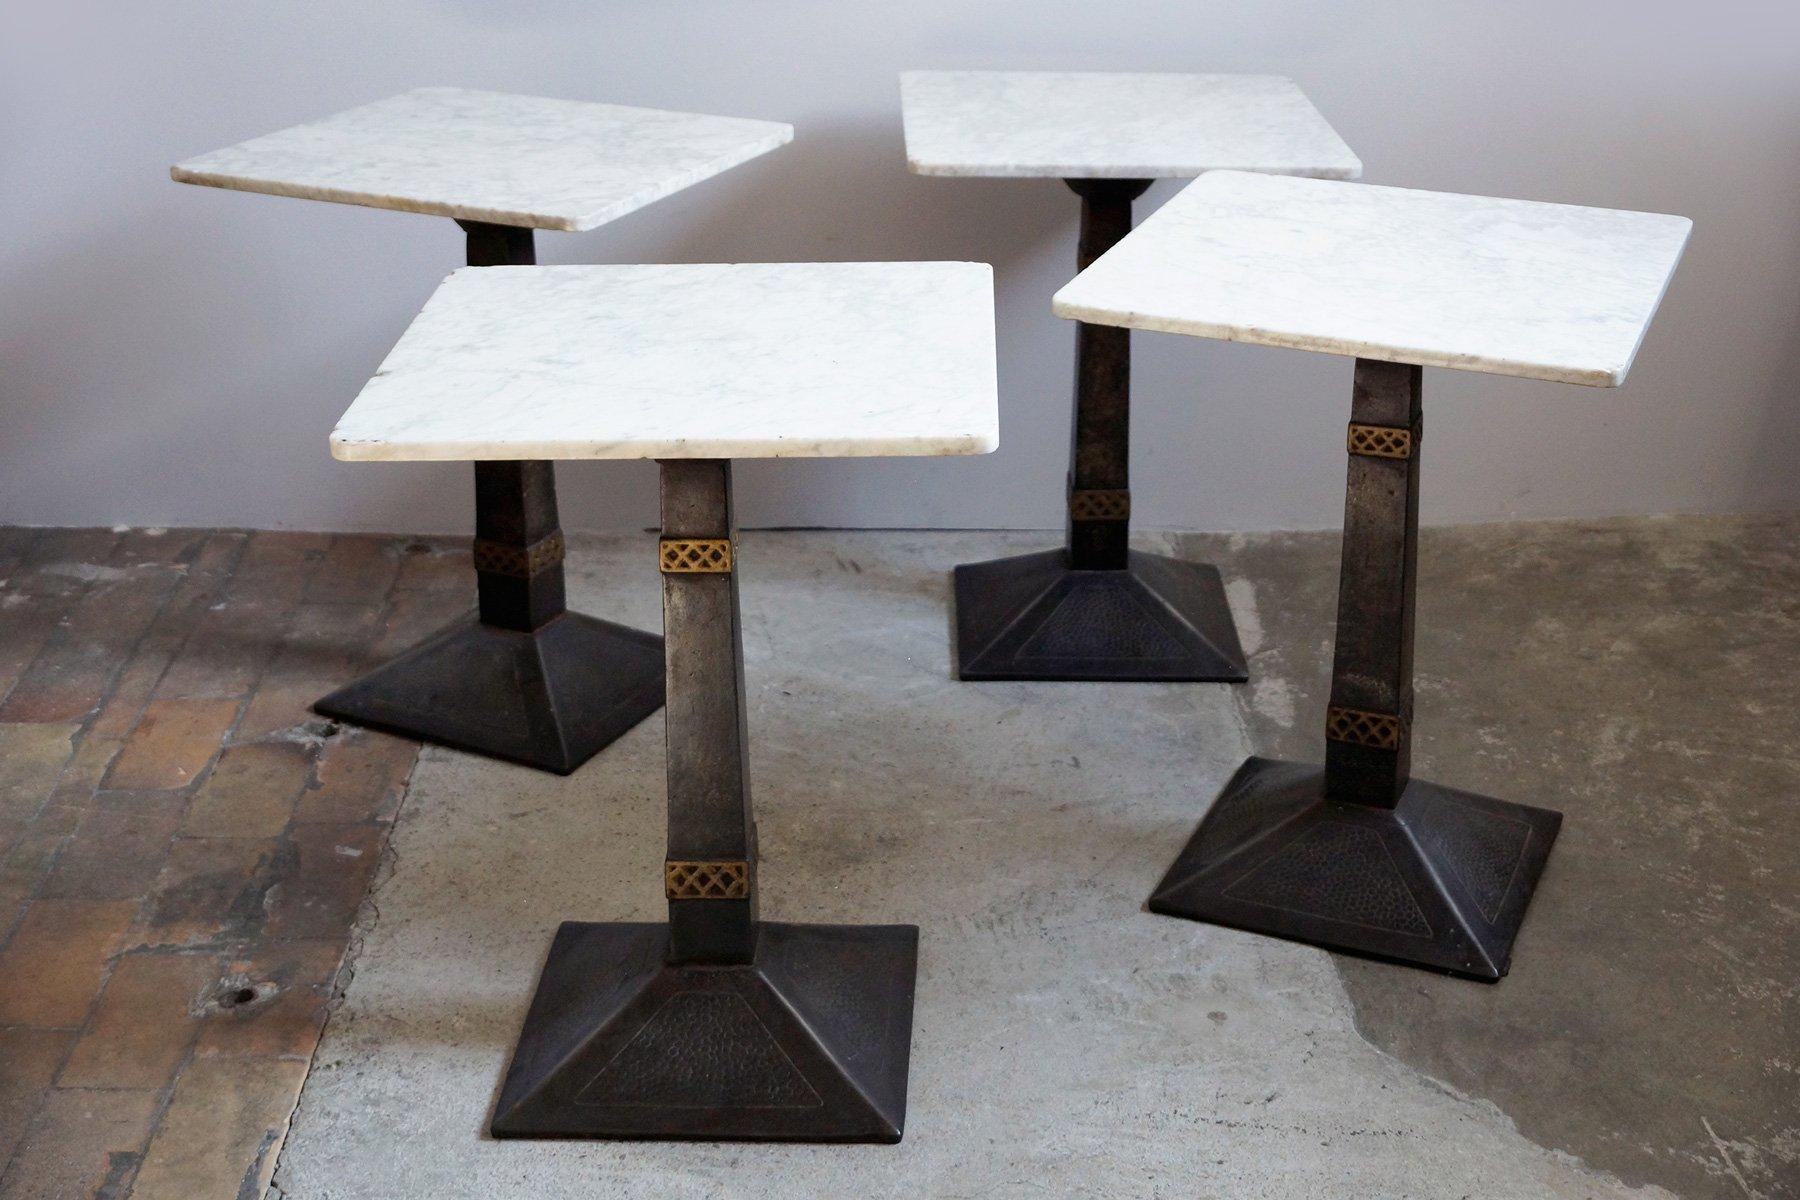 Tavoli vintage da bistro in marmo, set di 10 in vendita su Pamono